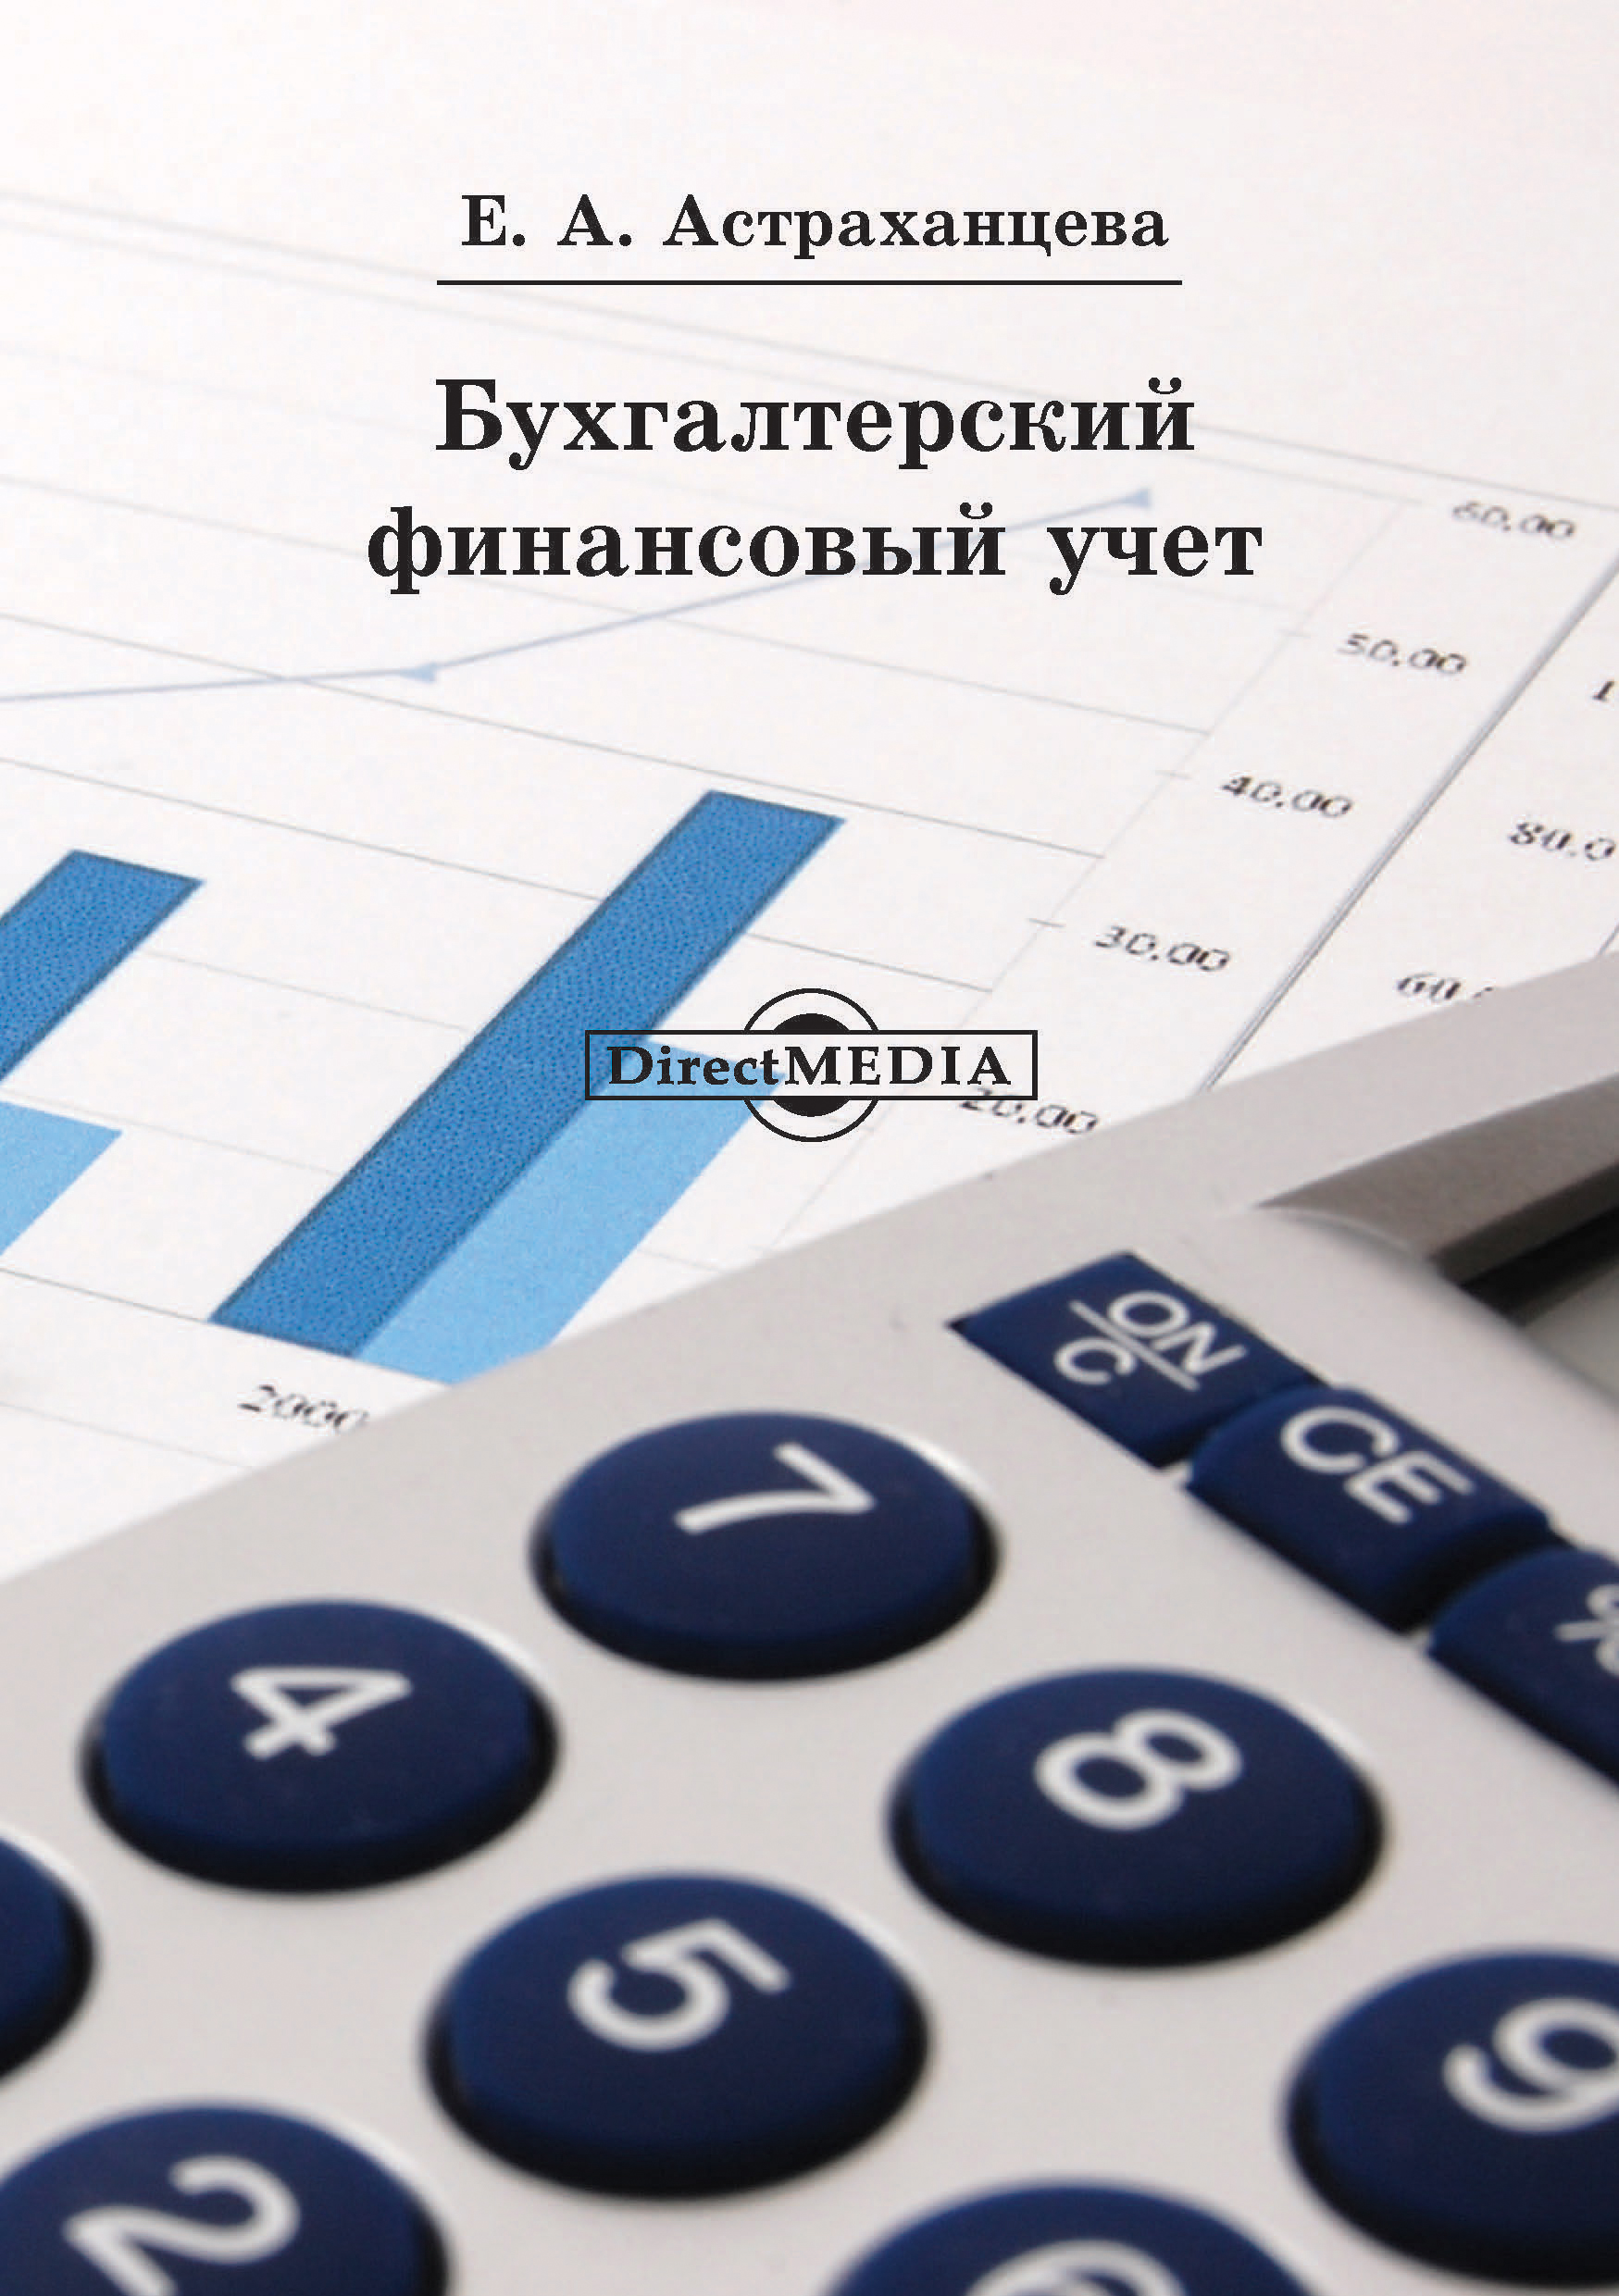 Елена Астраханцева Бухгалтерский финансовый учет